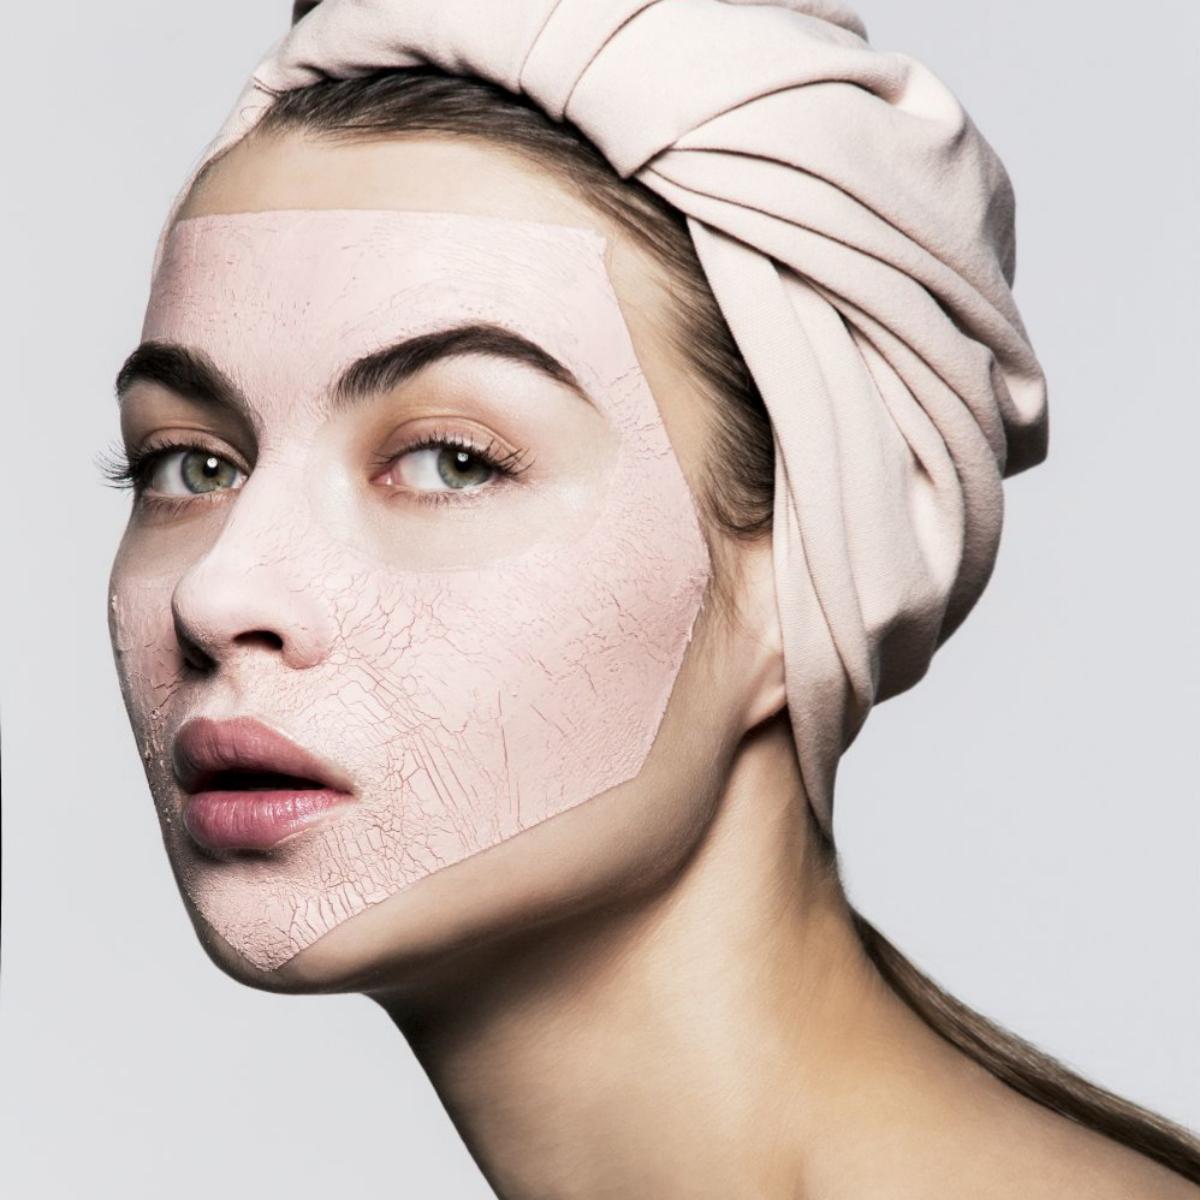 Disfruta mucho más de tu momento mascarilla de cara más tiempo y sin prisas para conseguir una piel más bonita.